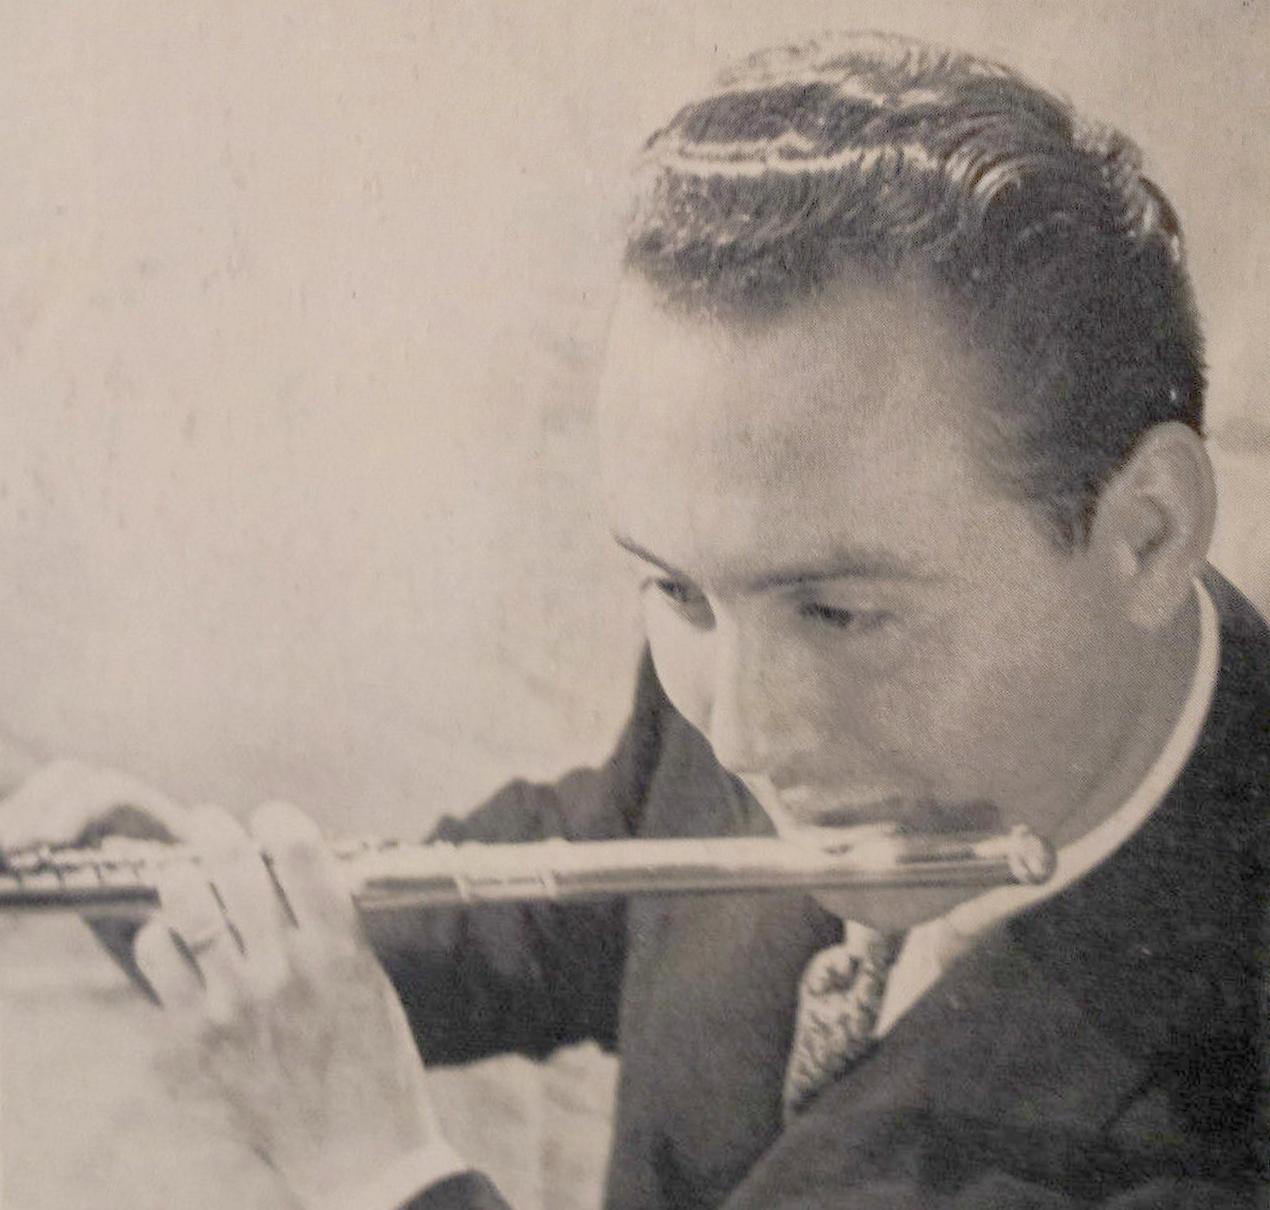 Le jeune Jean-Pierre RAMPAL vers 1953, une photo publiée au verso du disque Educo ECM 4001, cliquer pour une vue agrandie